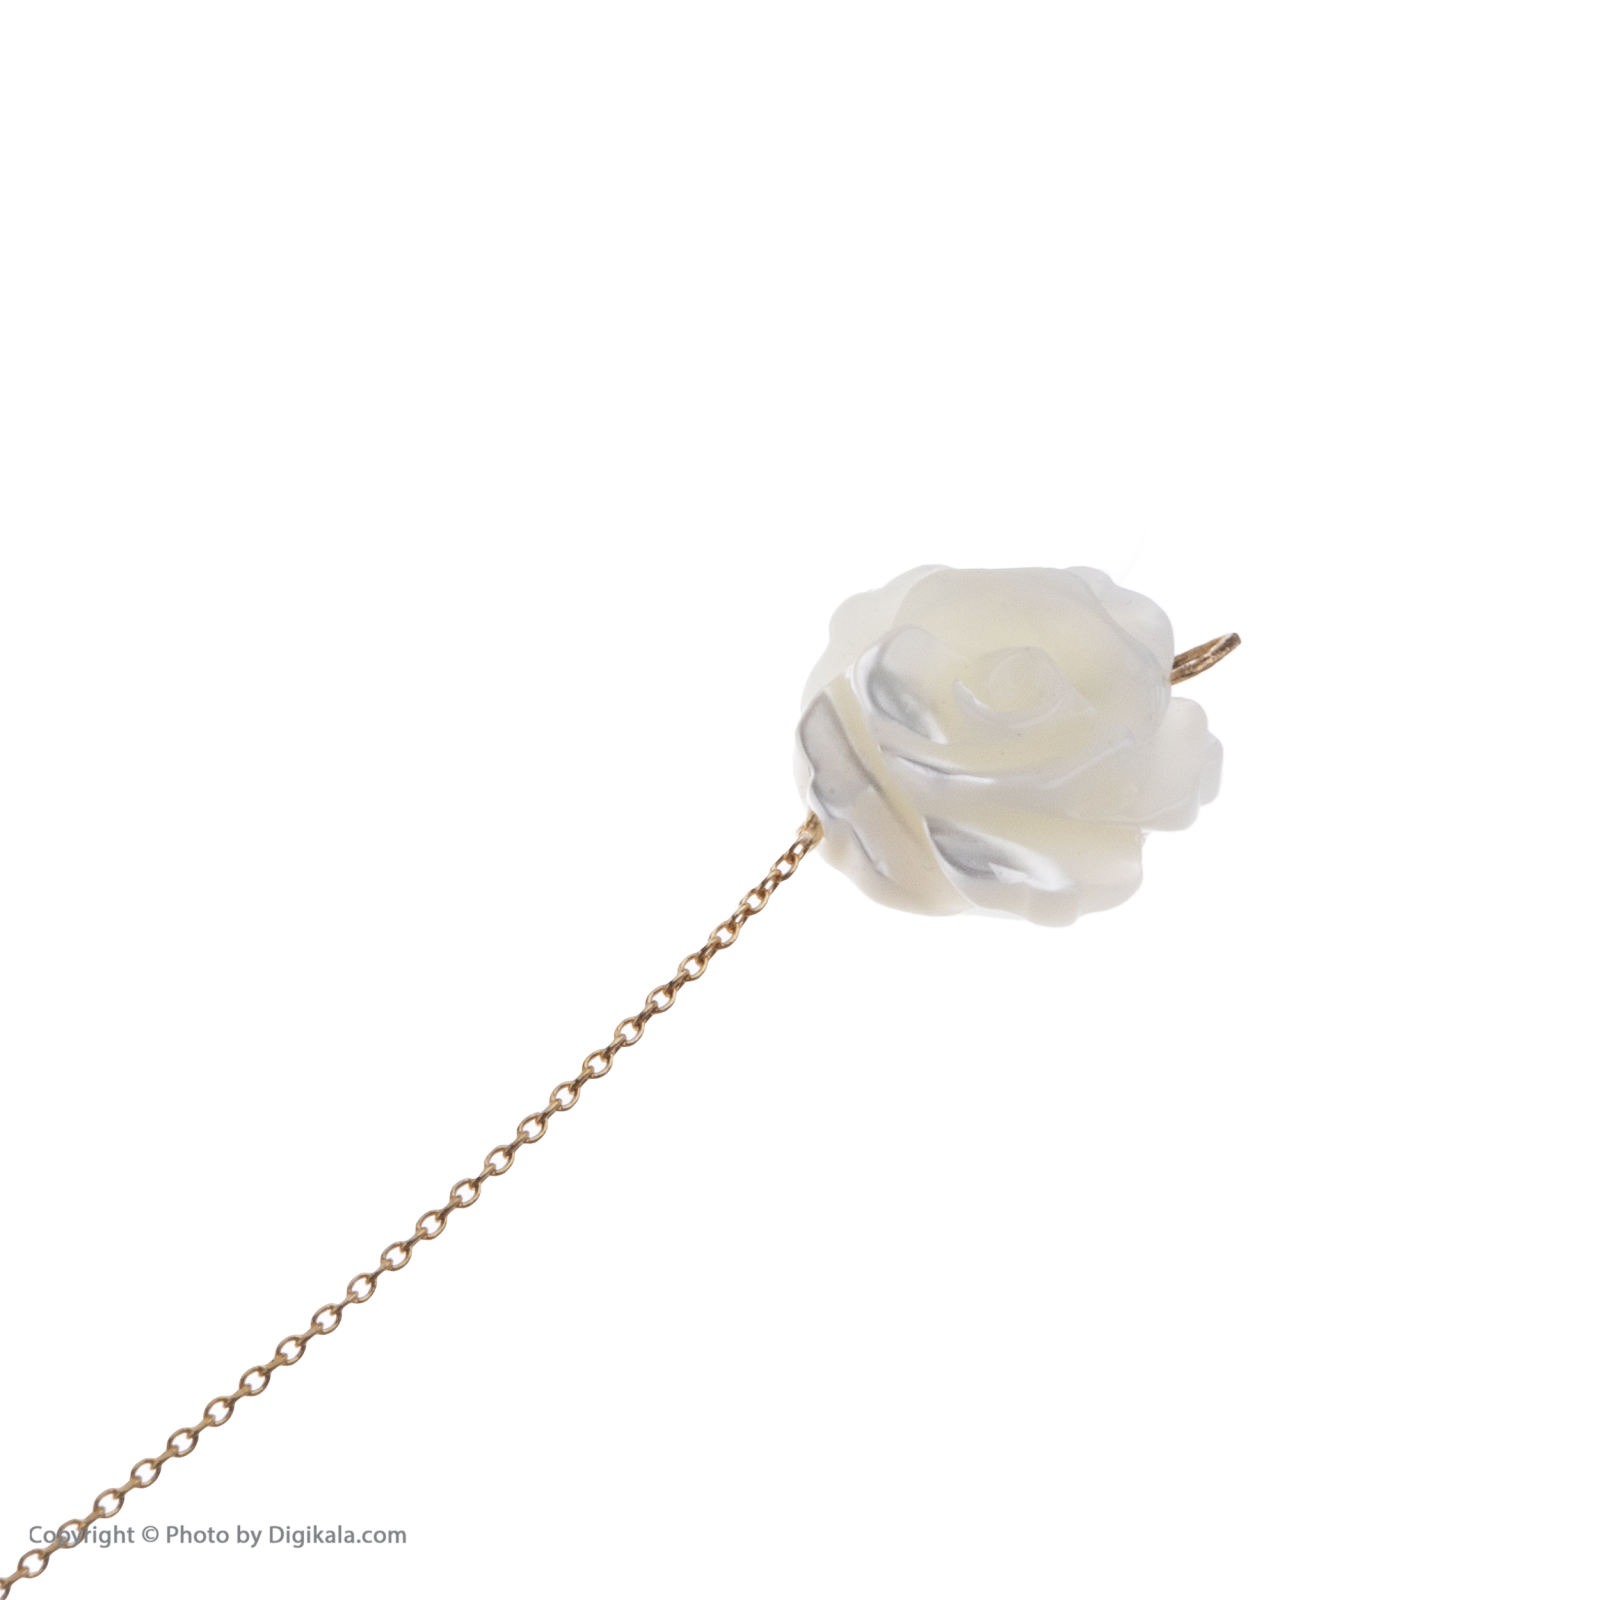 گوشواره طلا 18 عیار زنانه مایا ماهک مدل ME0846 -  - 6